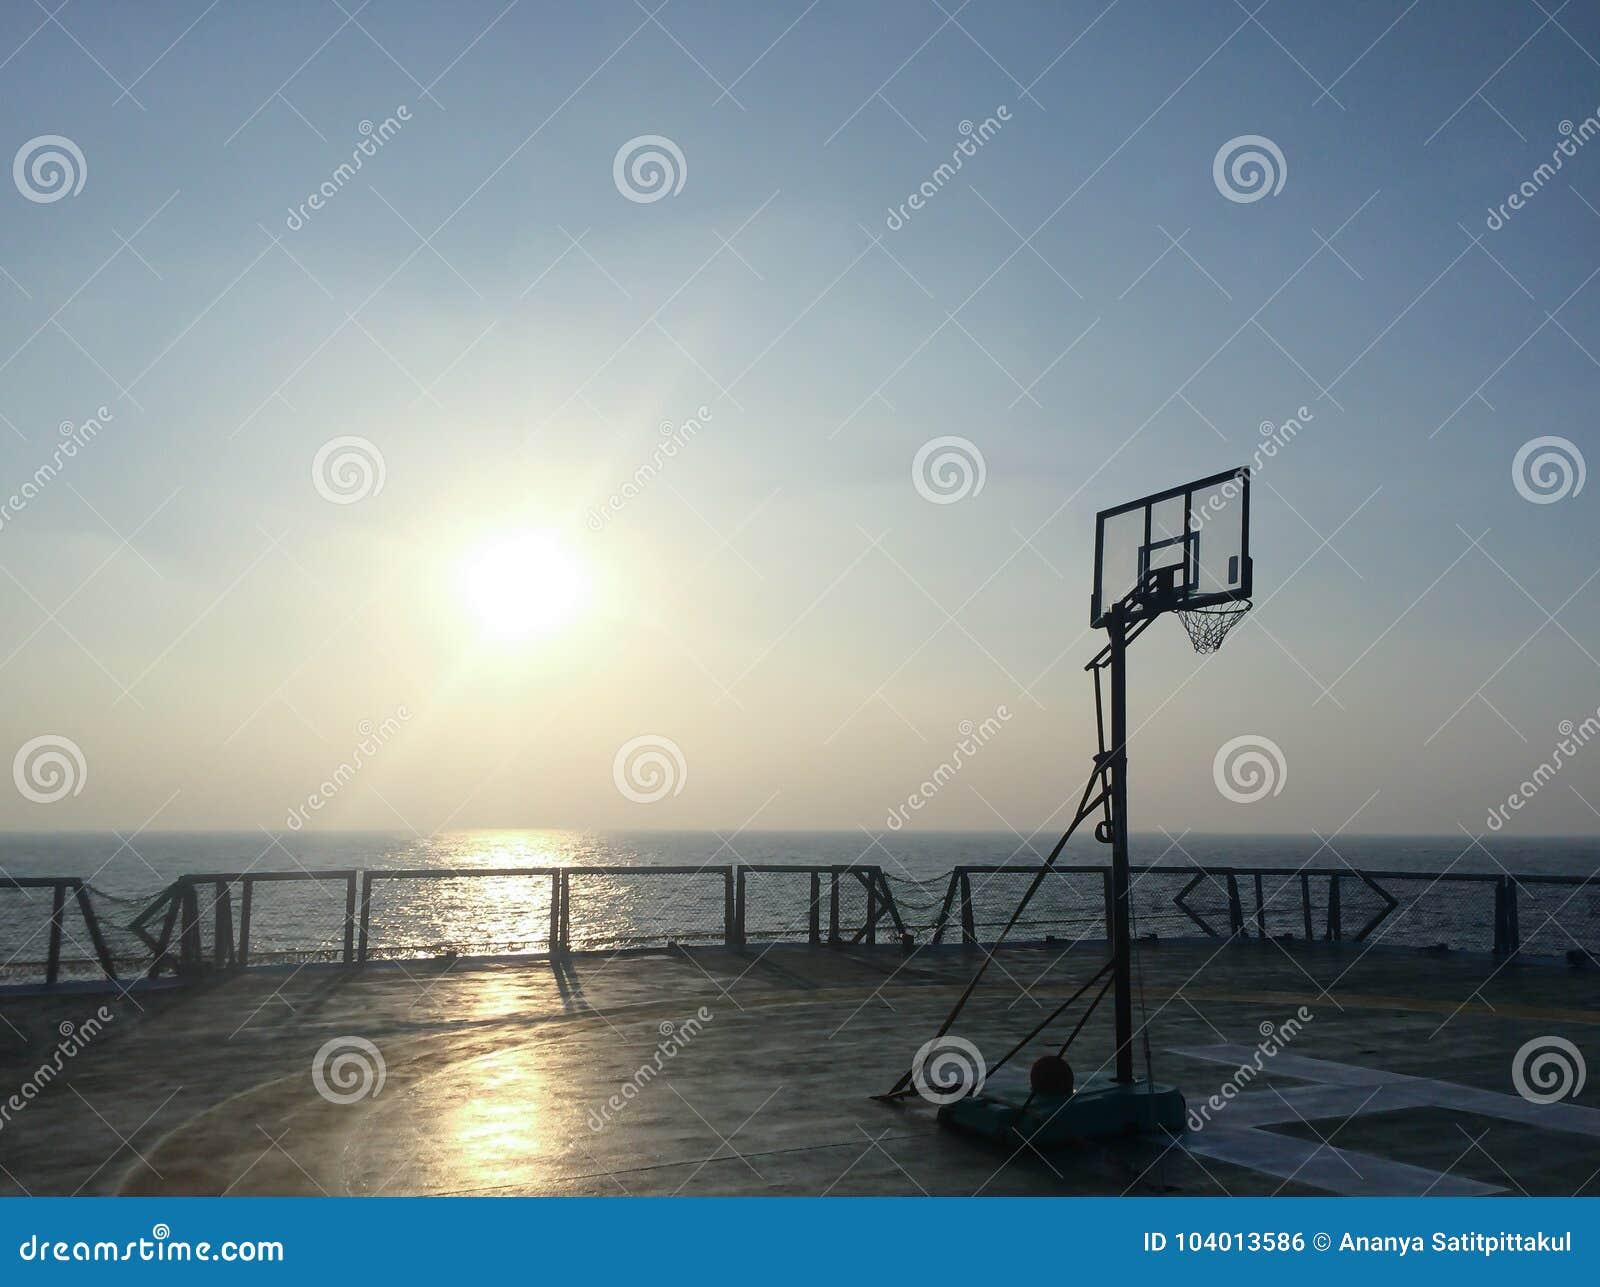 Basketball Court Backboard On Helideck In Seismic Vessel Ship In